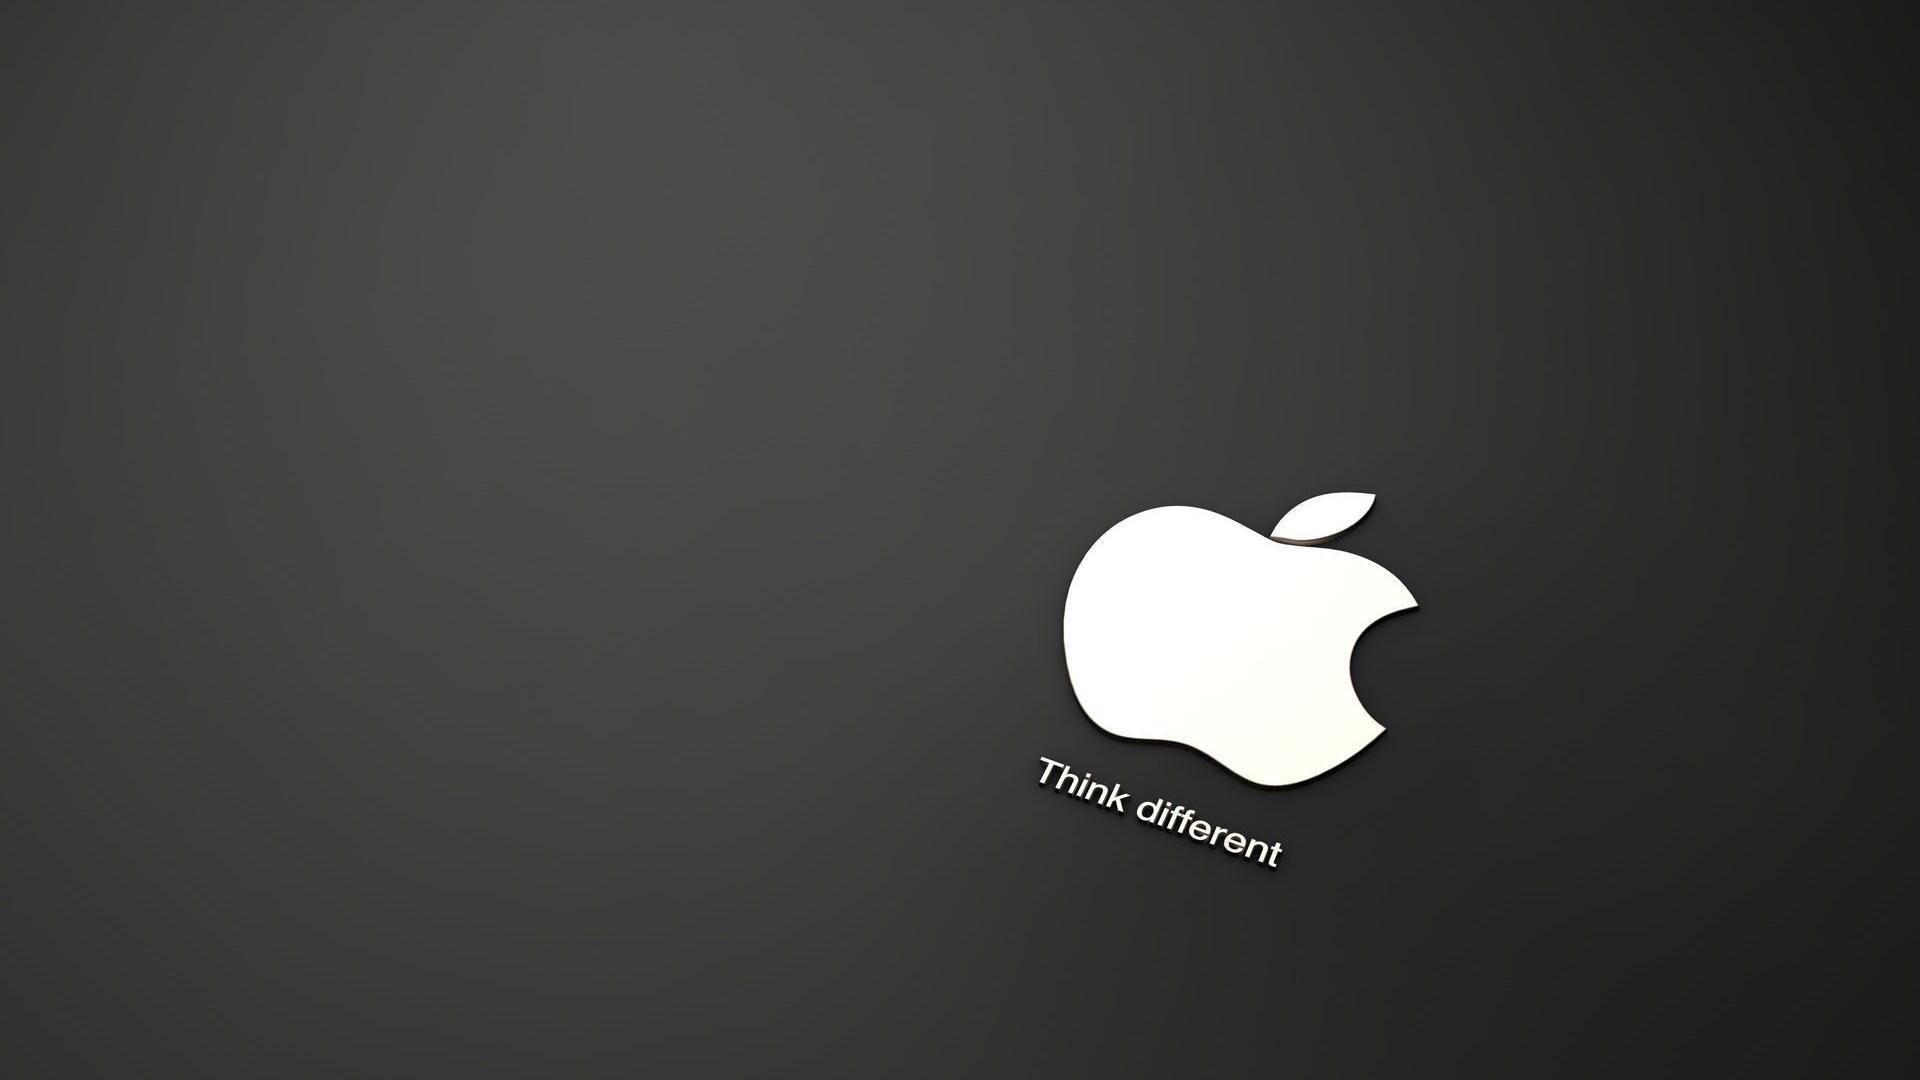 Black And White Apple Logo Wallpaper